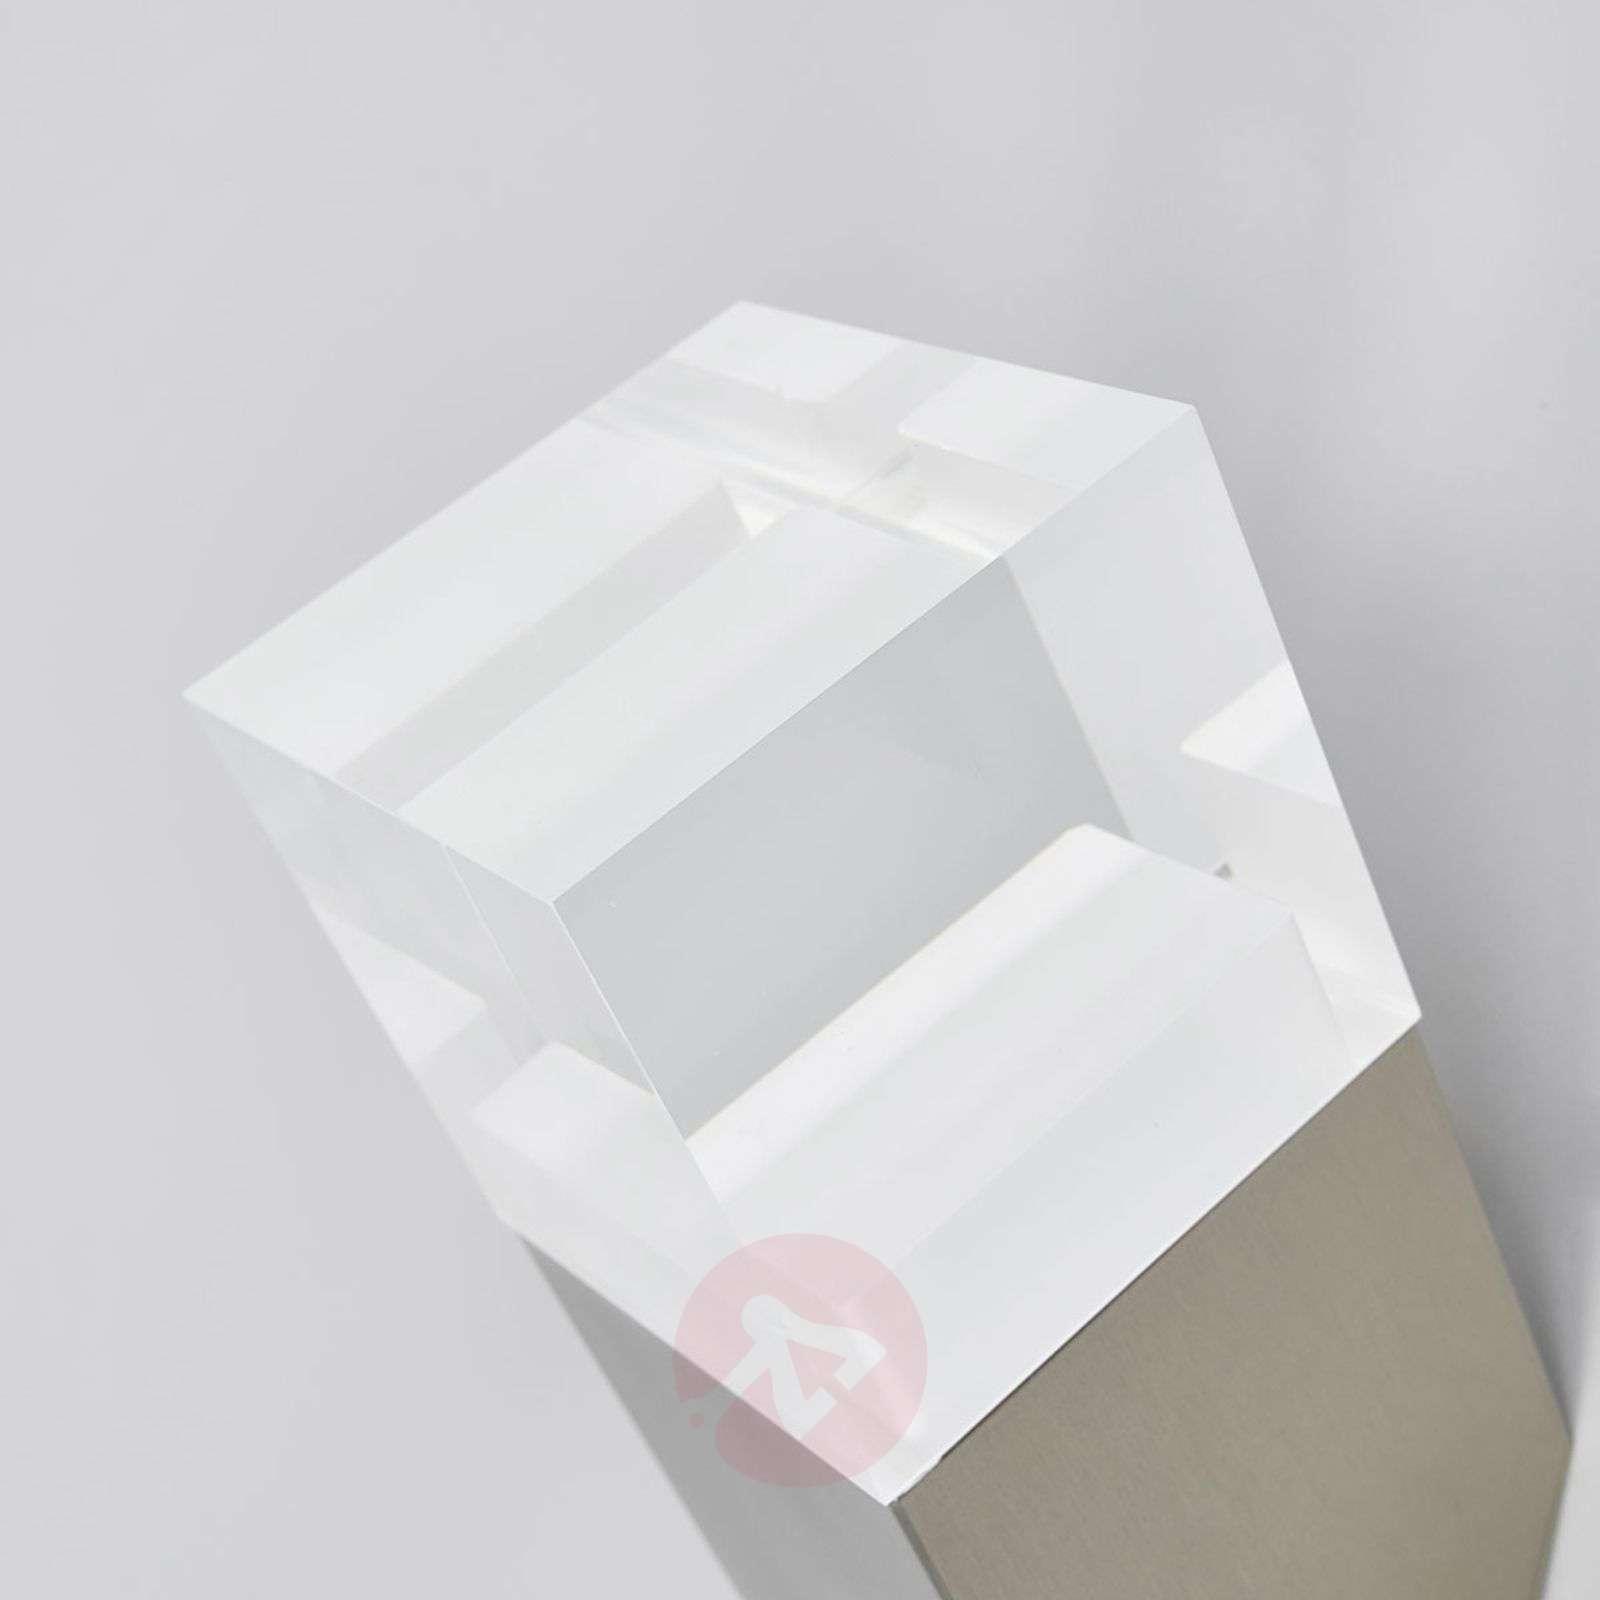 Nerius LED outdoor wall lamp, diagonal, sensor-9988158-01